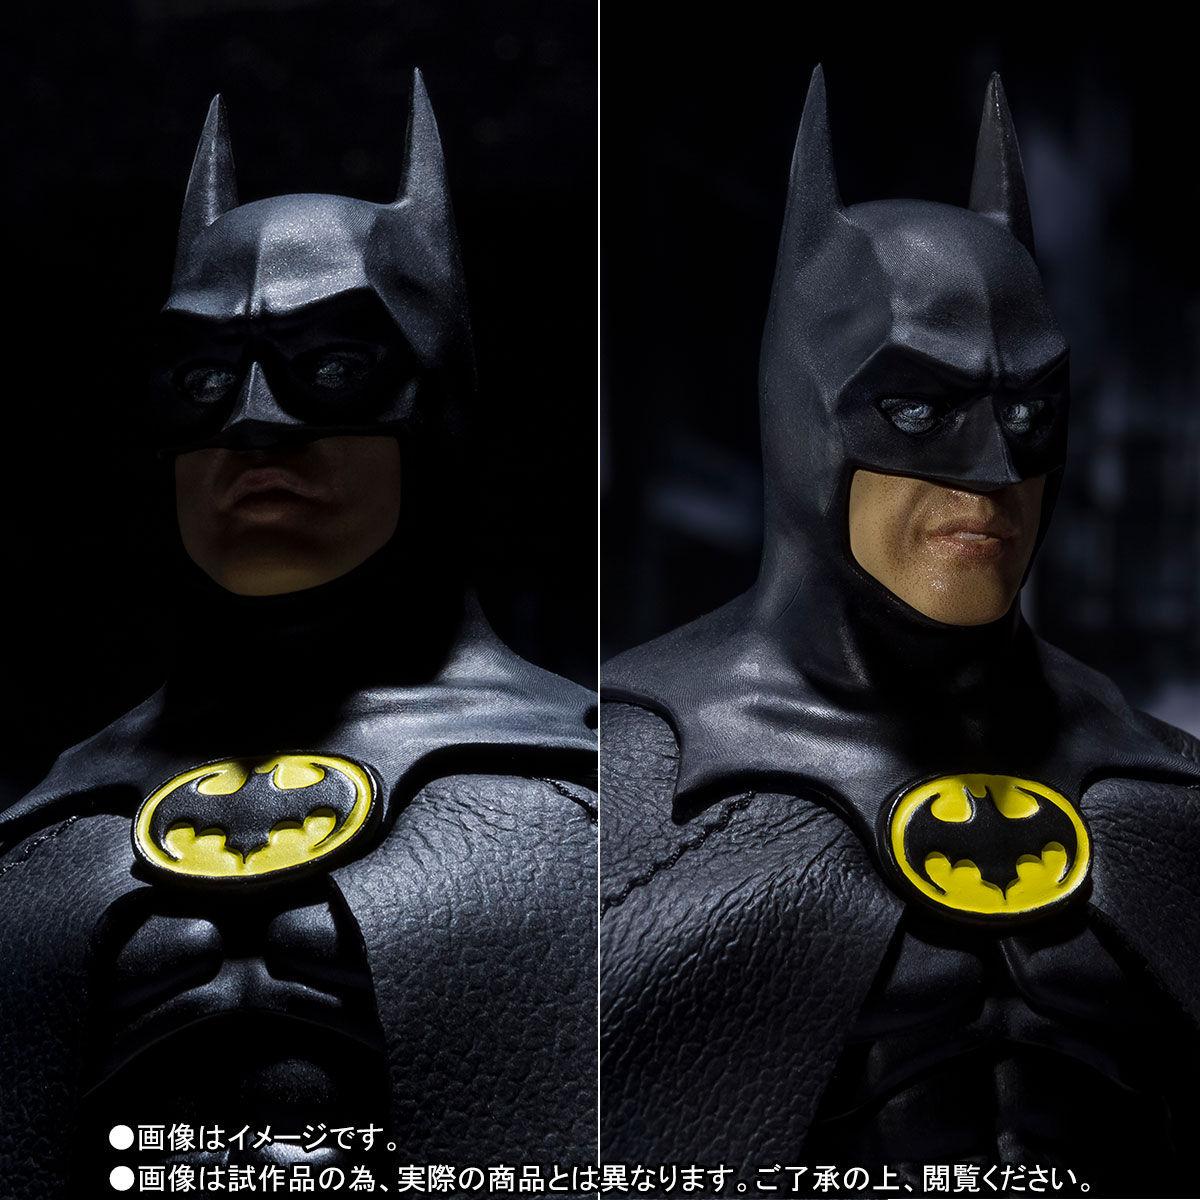 【限定販売】S.H.Figuarts『バットマン(BATMAN 1989)』可動フィギュア-009